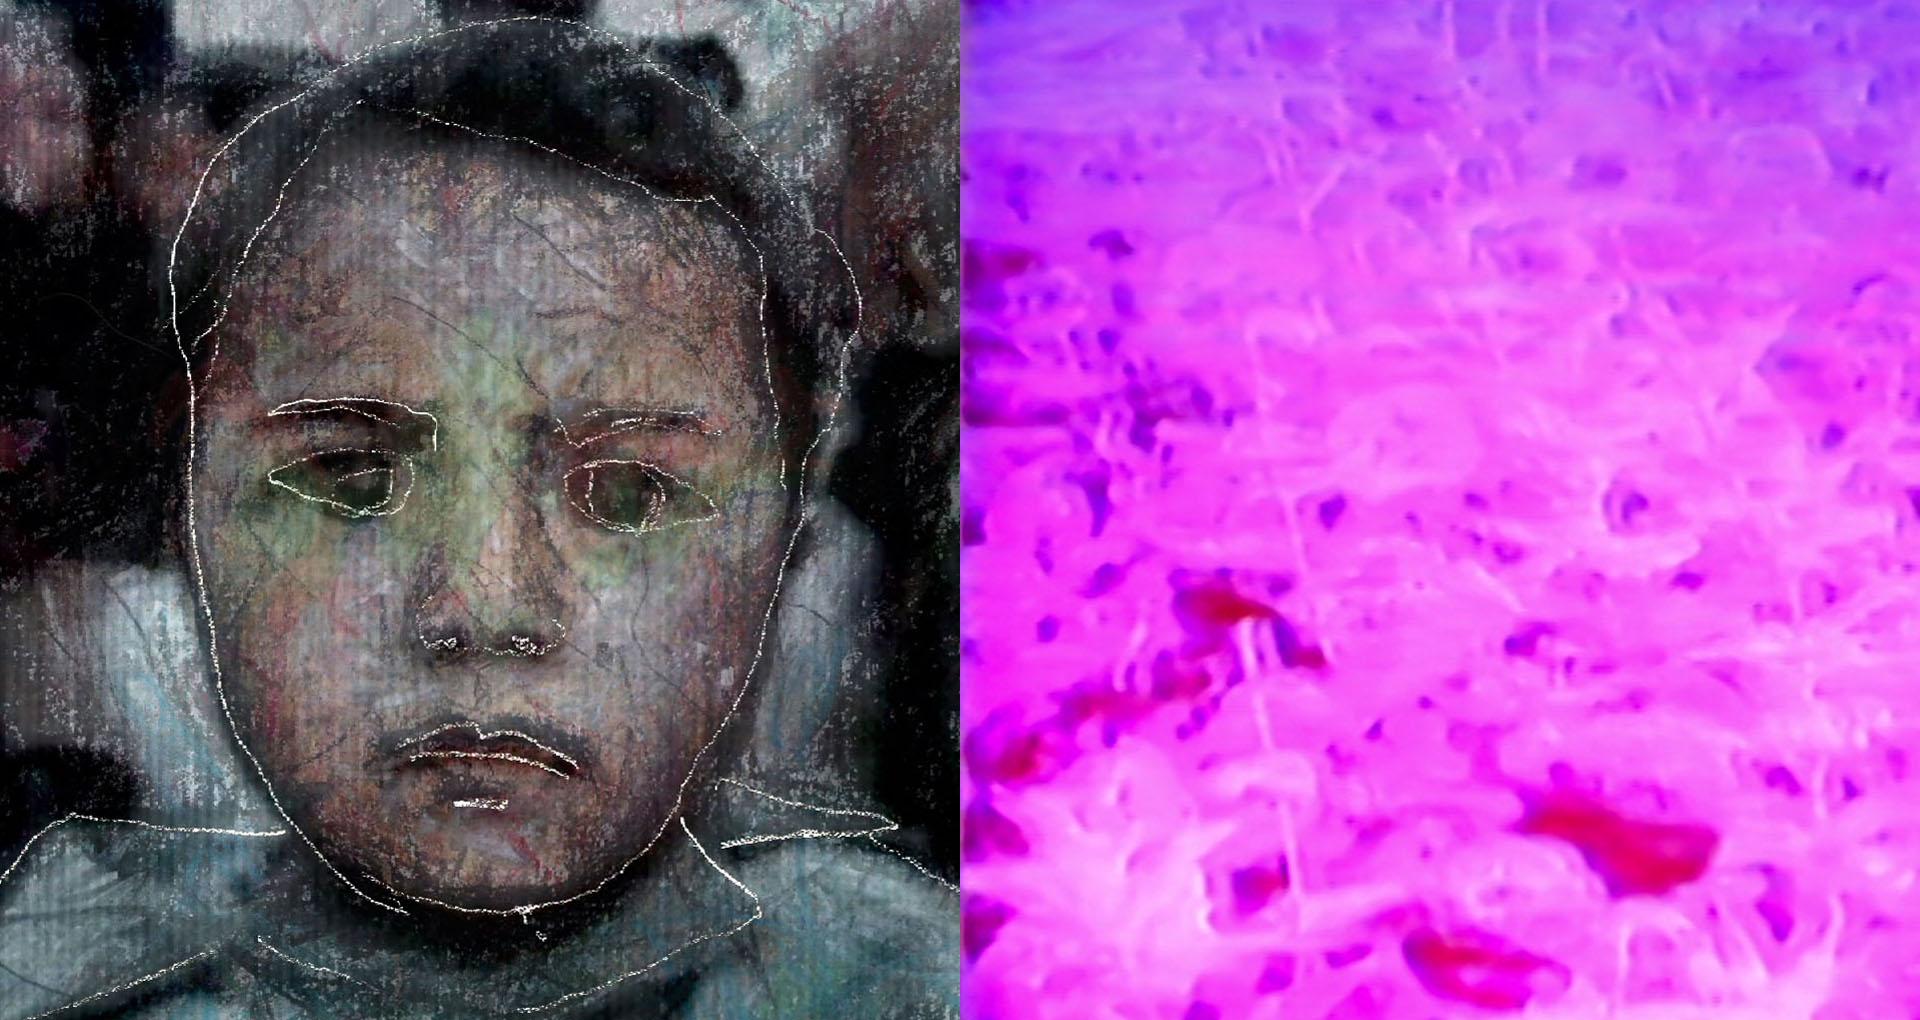 image couleur, uj portrait d'enfant à gauche et un champs de fleur rose à droite